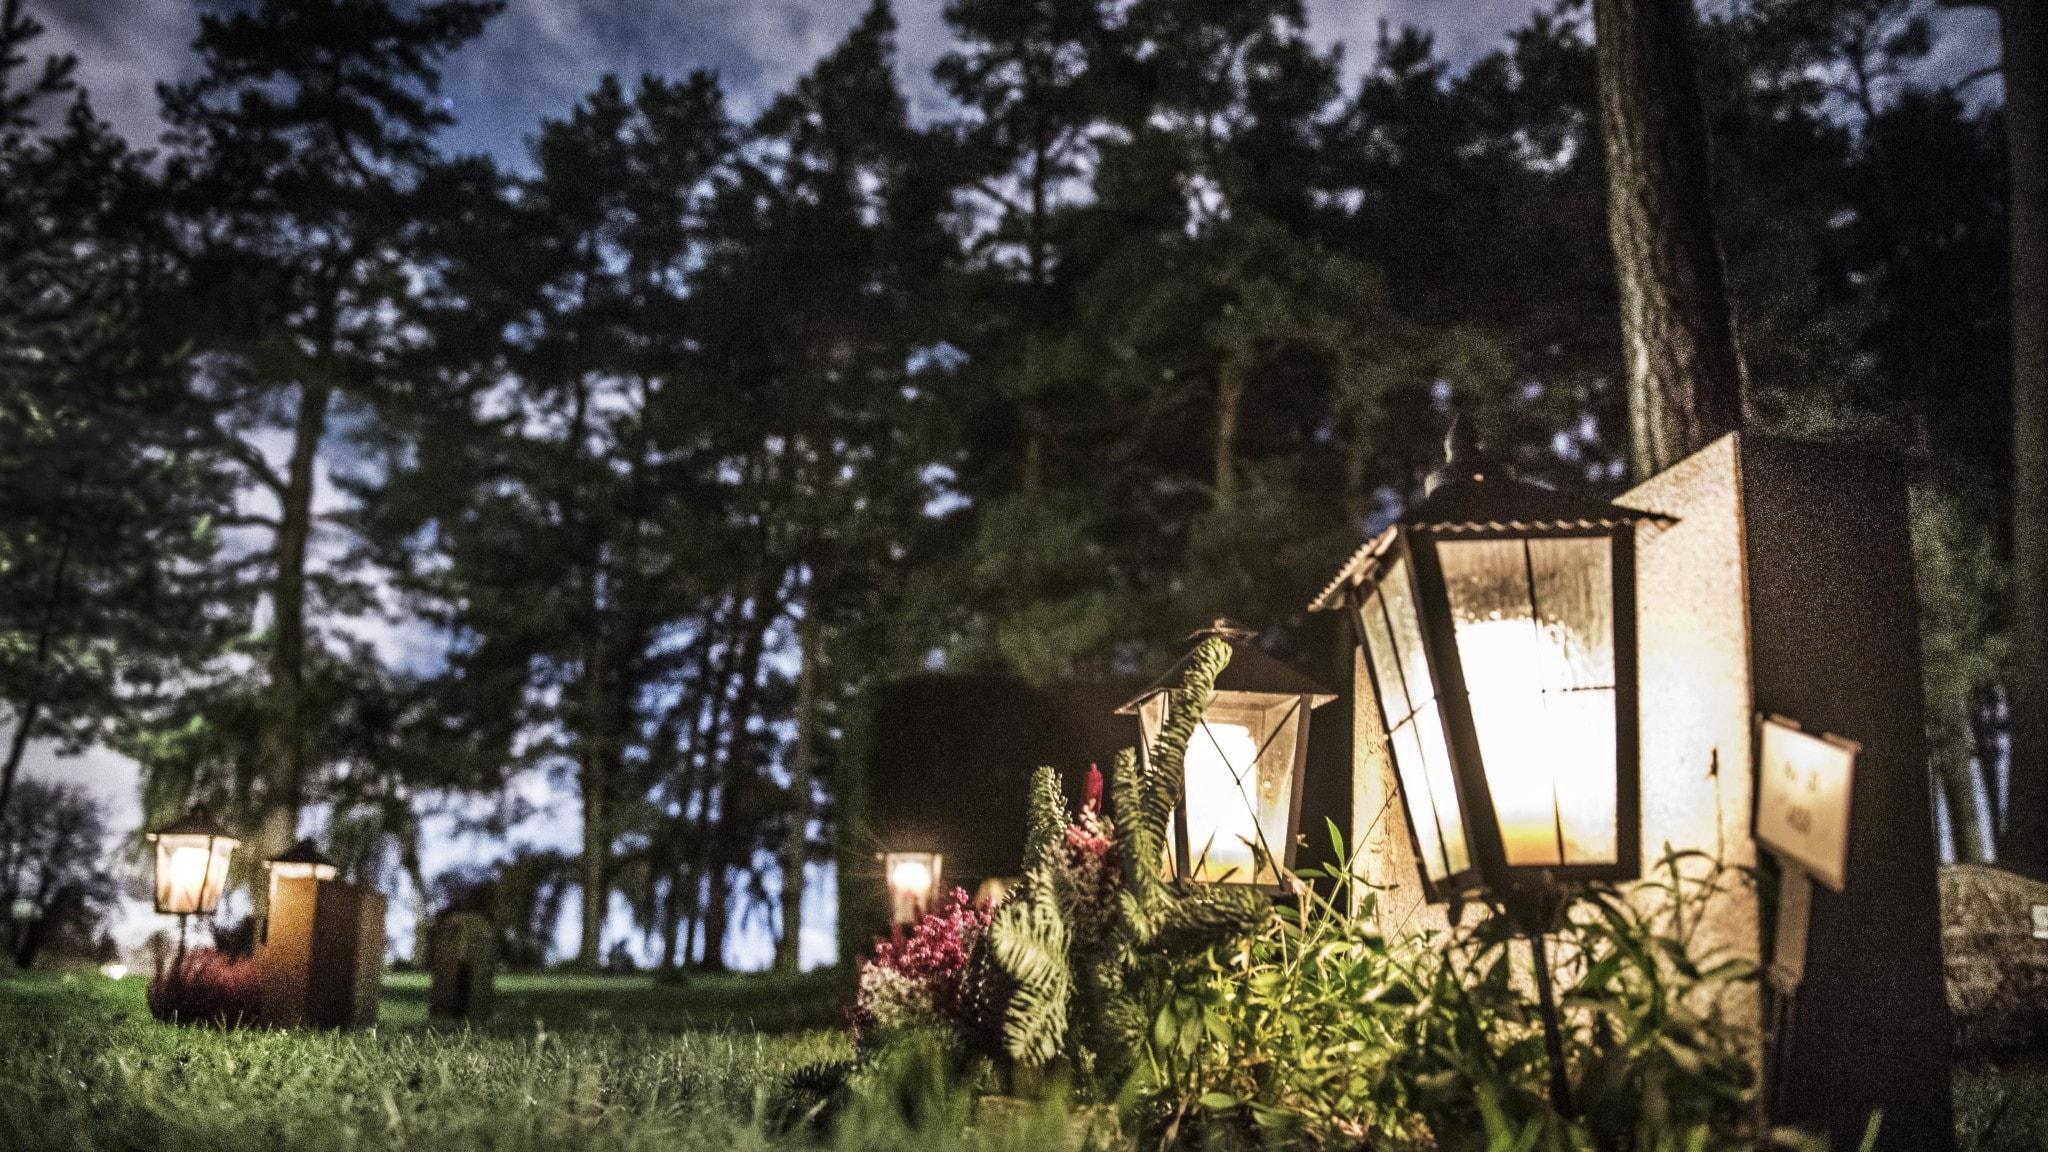 Kyrkogård med gravar och ljus i skymning